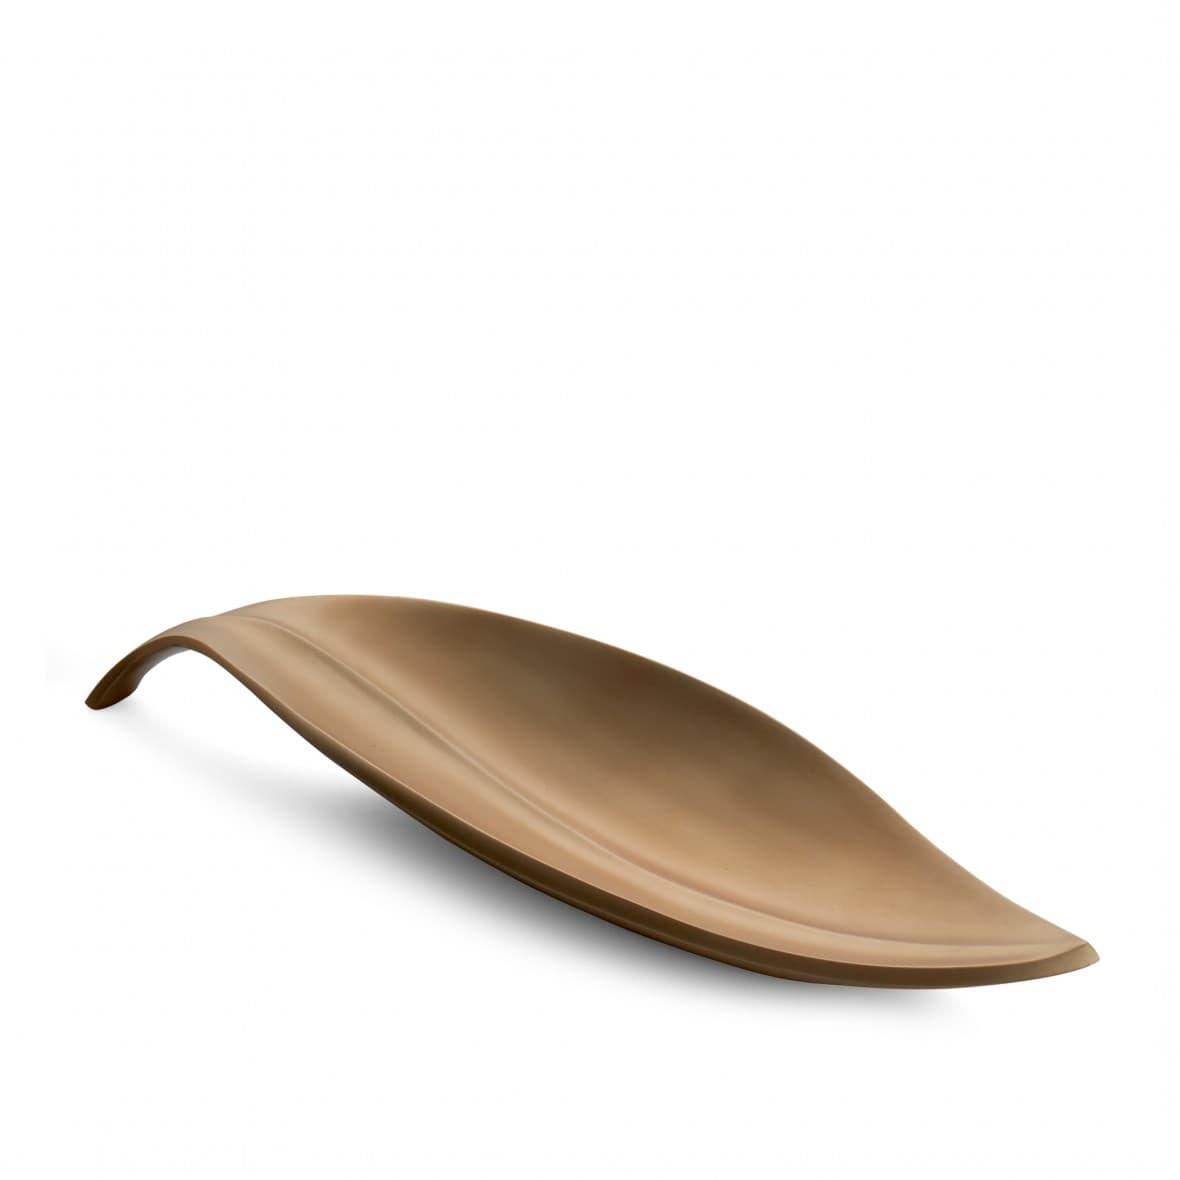 Акцентное блюдо Eco для подачи, большое, дизайн Neil Cohen